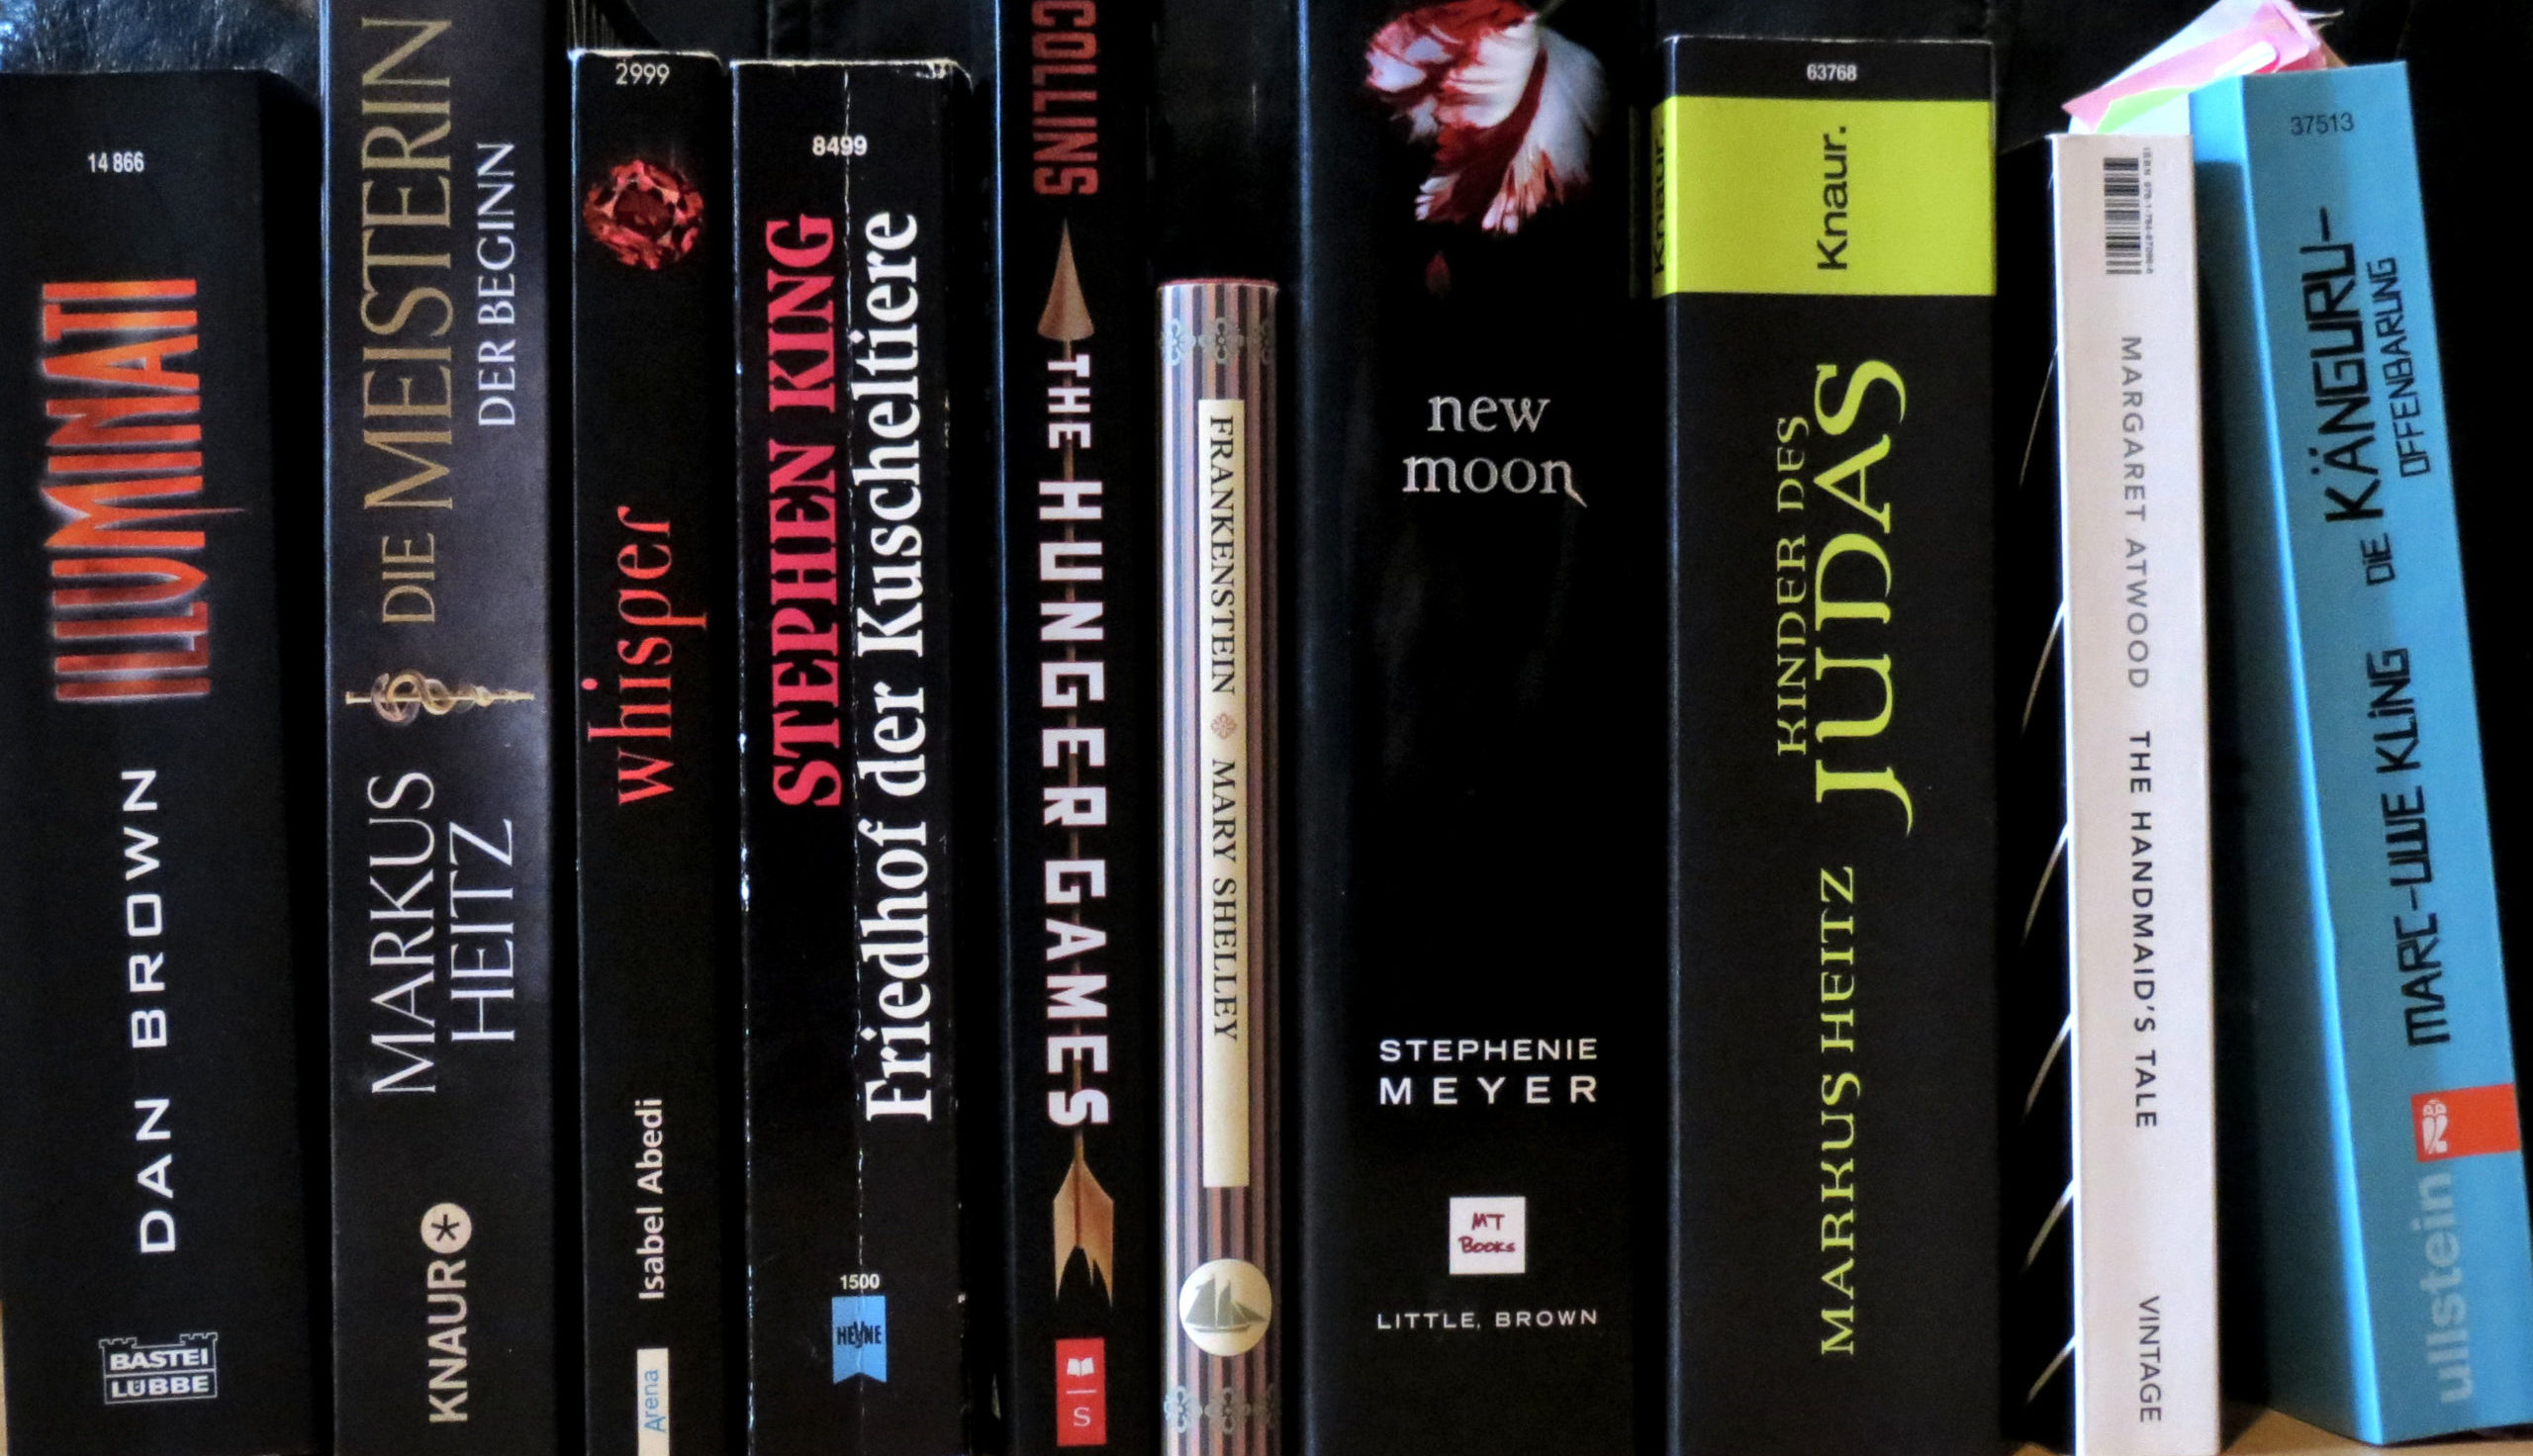 Aufgereihte Bücher: Illuminati, Die Meisterin: Der Beginn, Whisper, Friedhof der Kuscheltiere, The Hunger Games, Frankenstein, New Moon, Kinder des Judas, The Handmaid's Tale, Die Känguru-Offenbarung